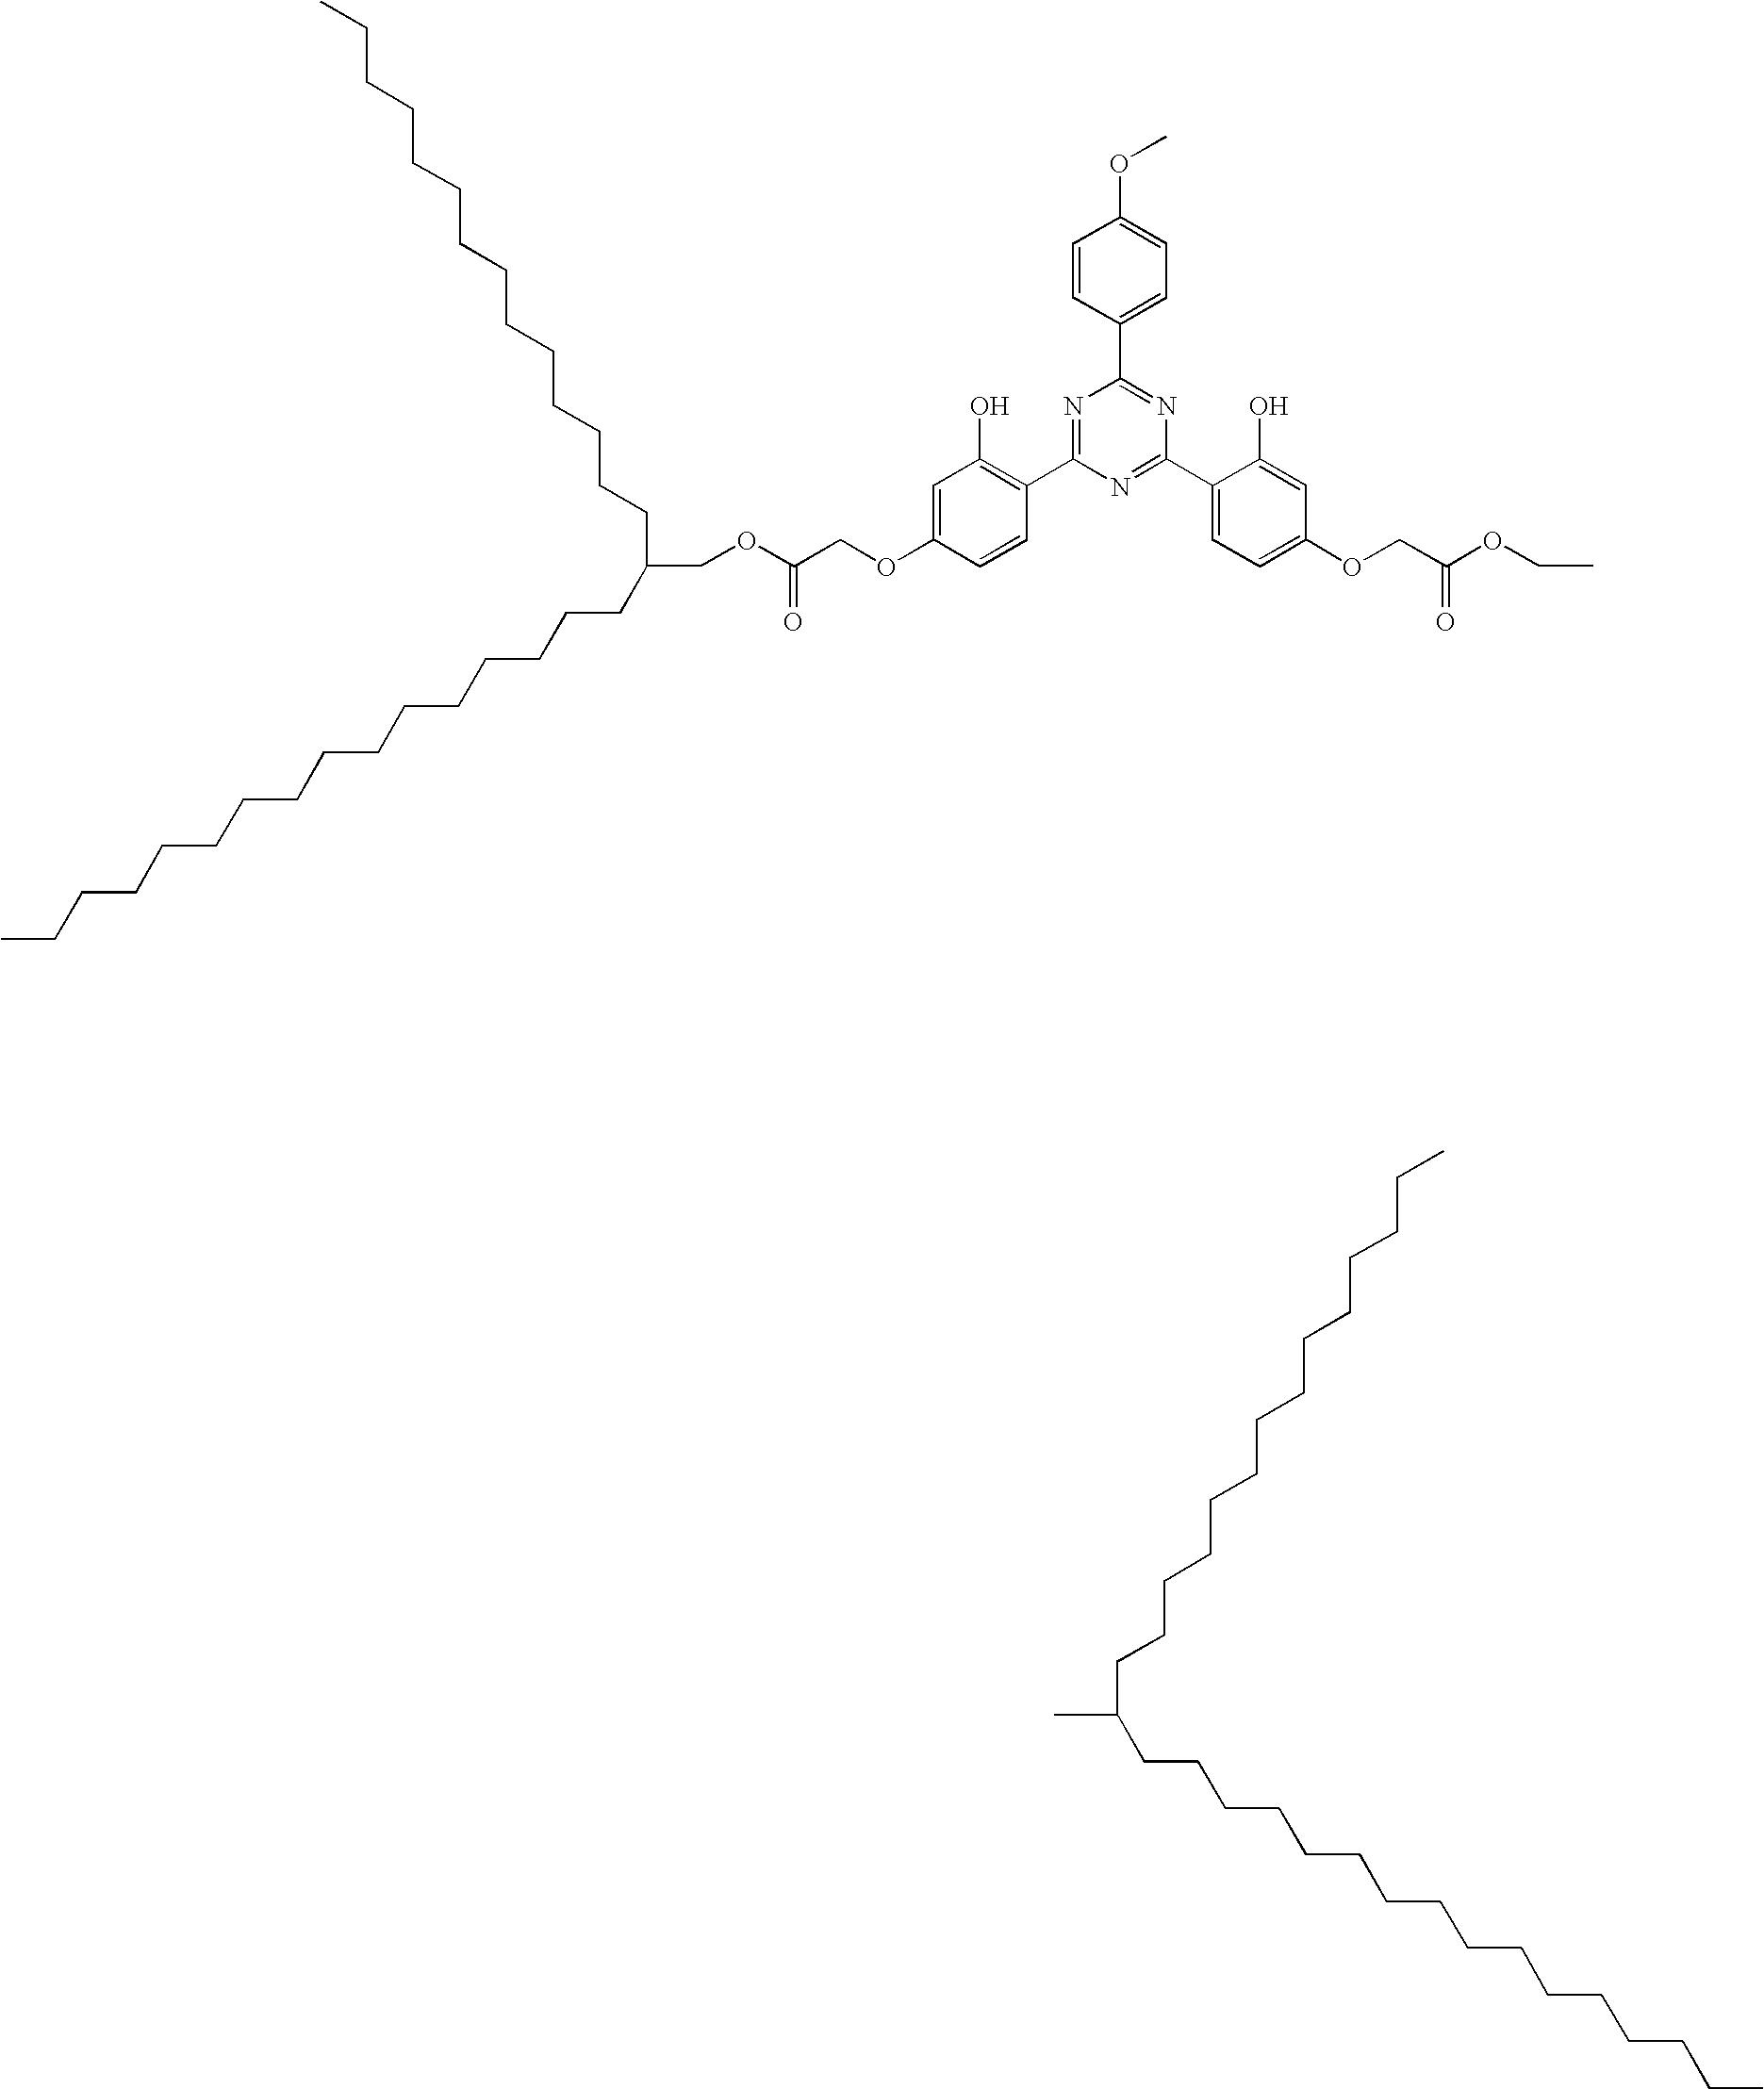 Figure US07294714-20071113-C00025